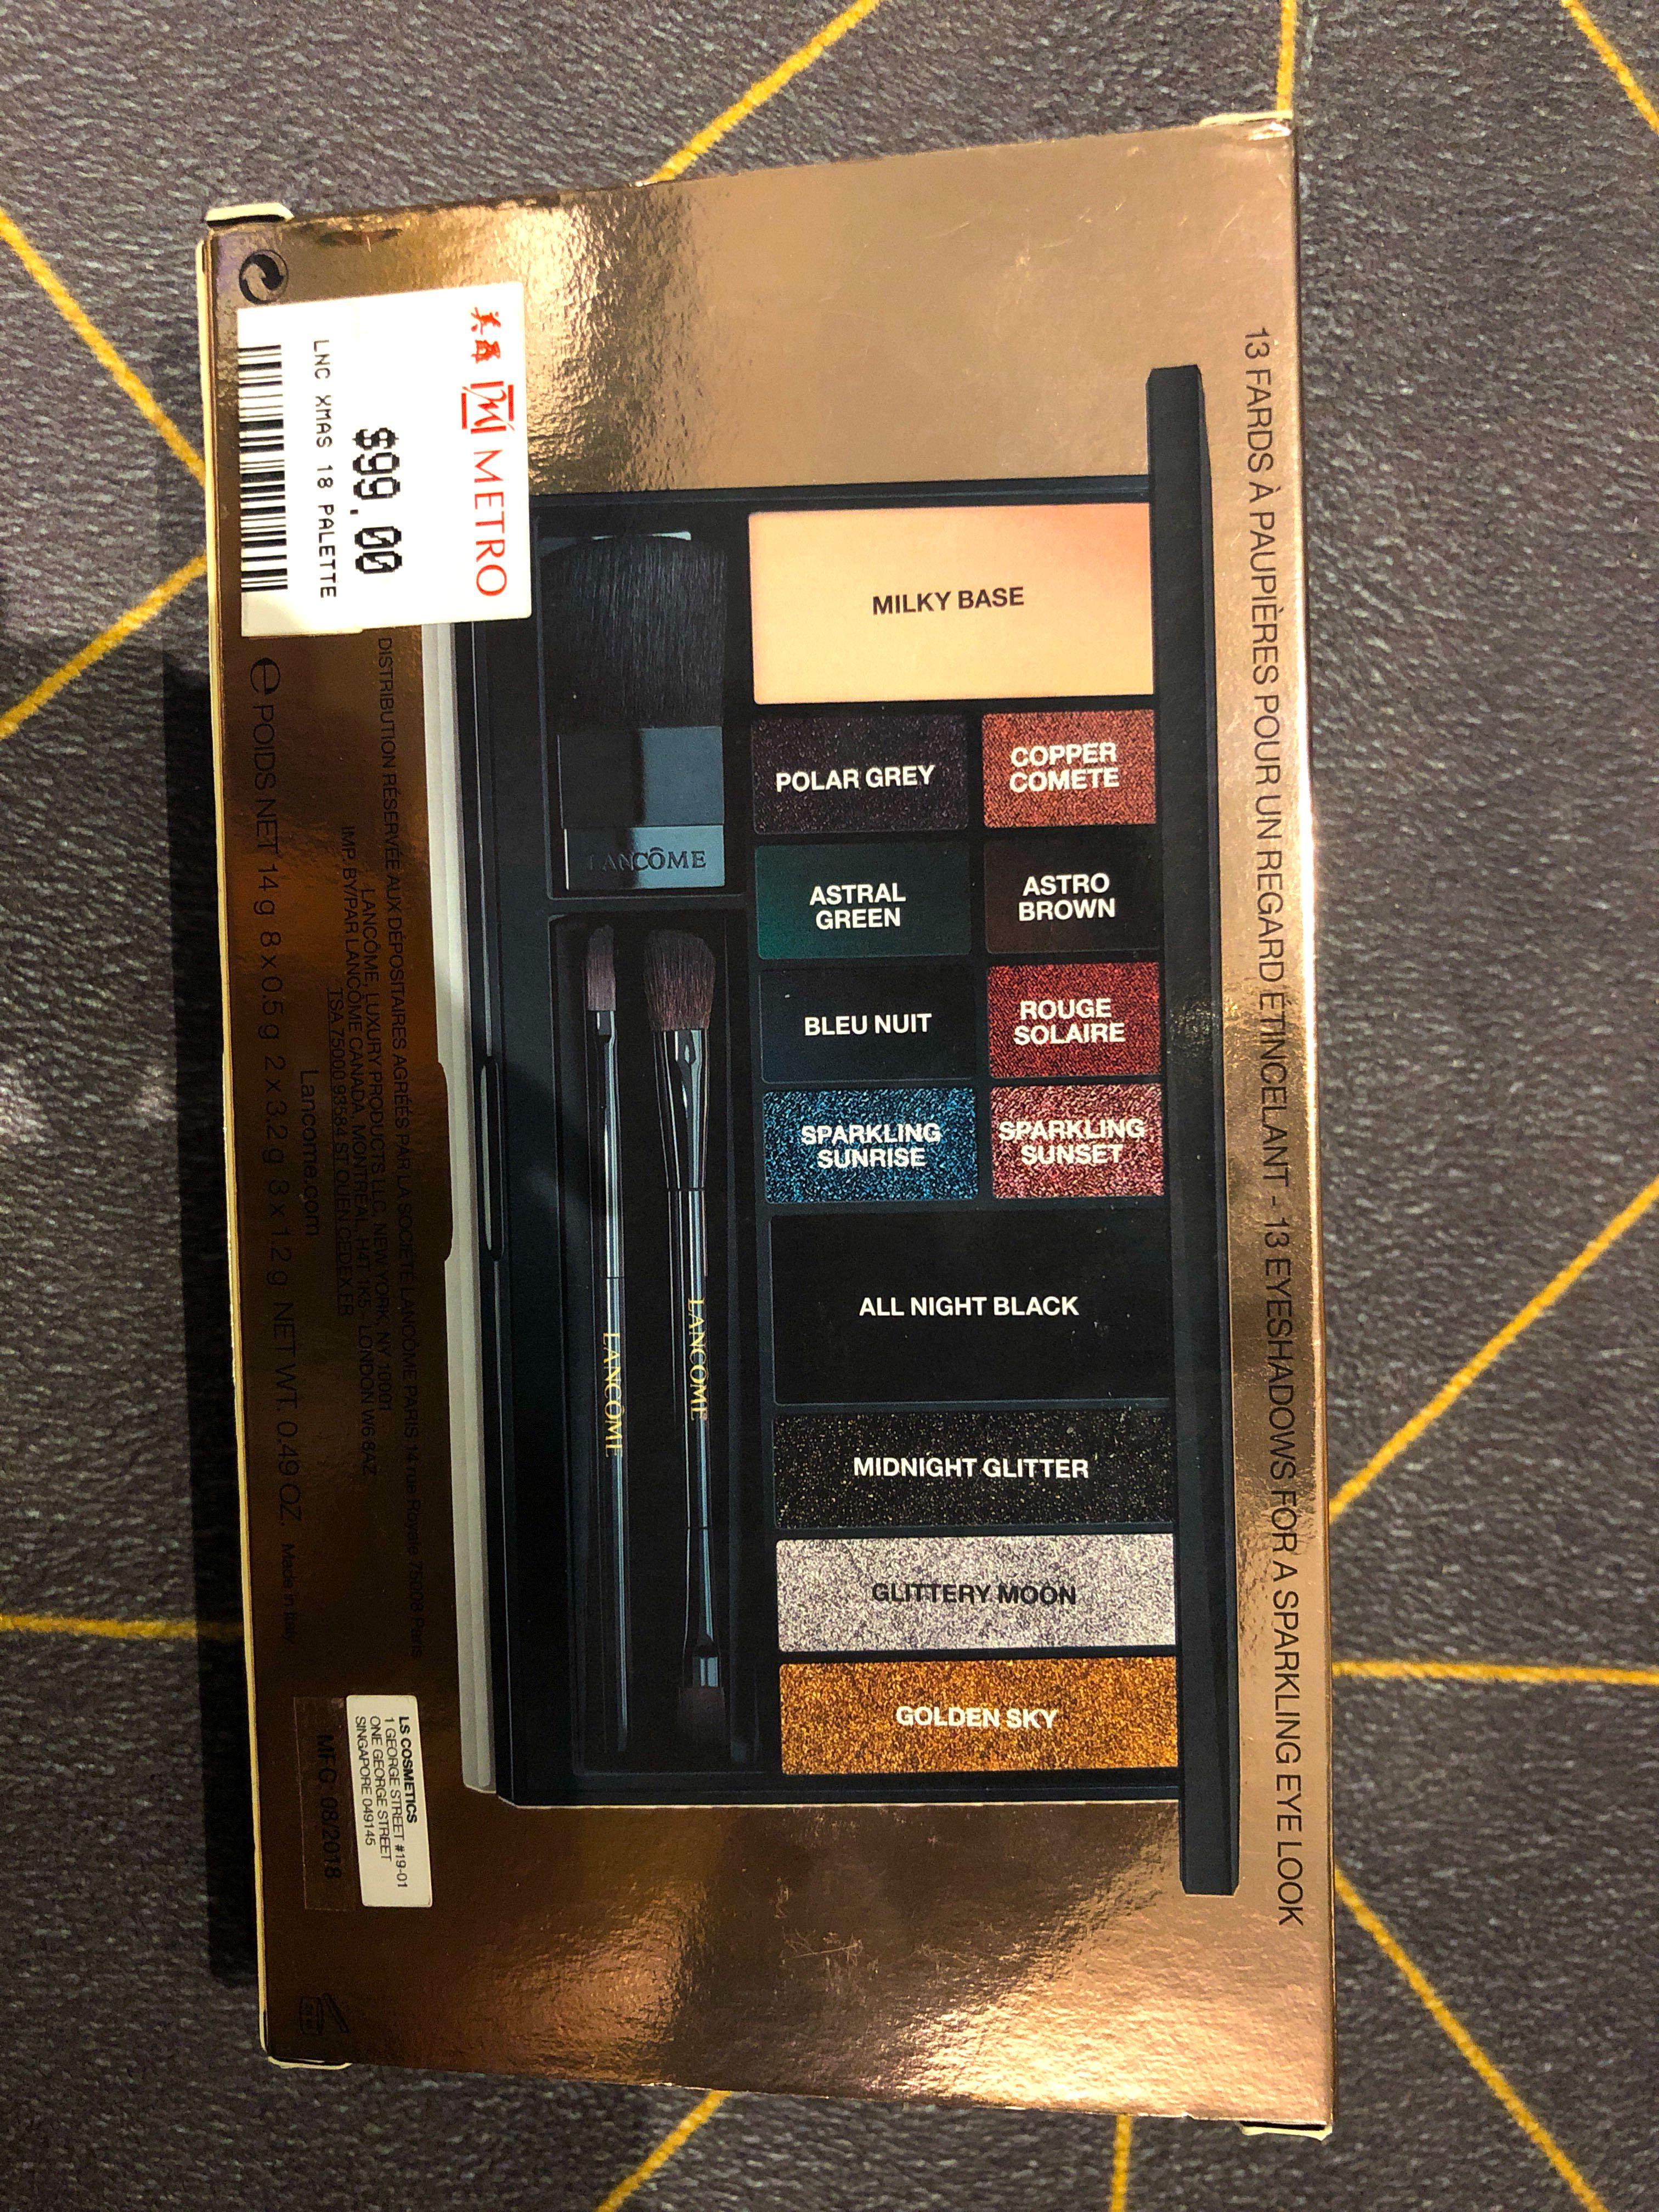 BN Lancôme Starlight Sparkle Eyeshadow Palette